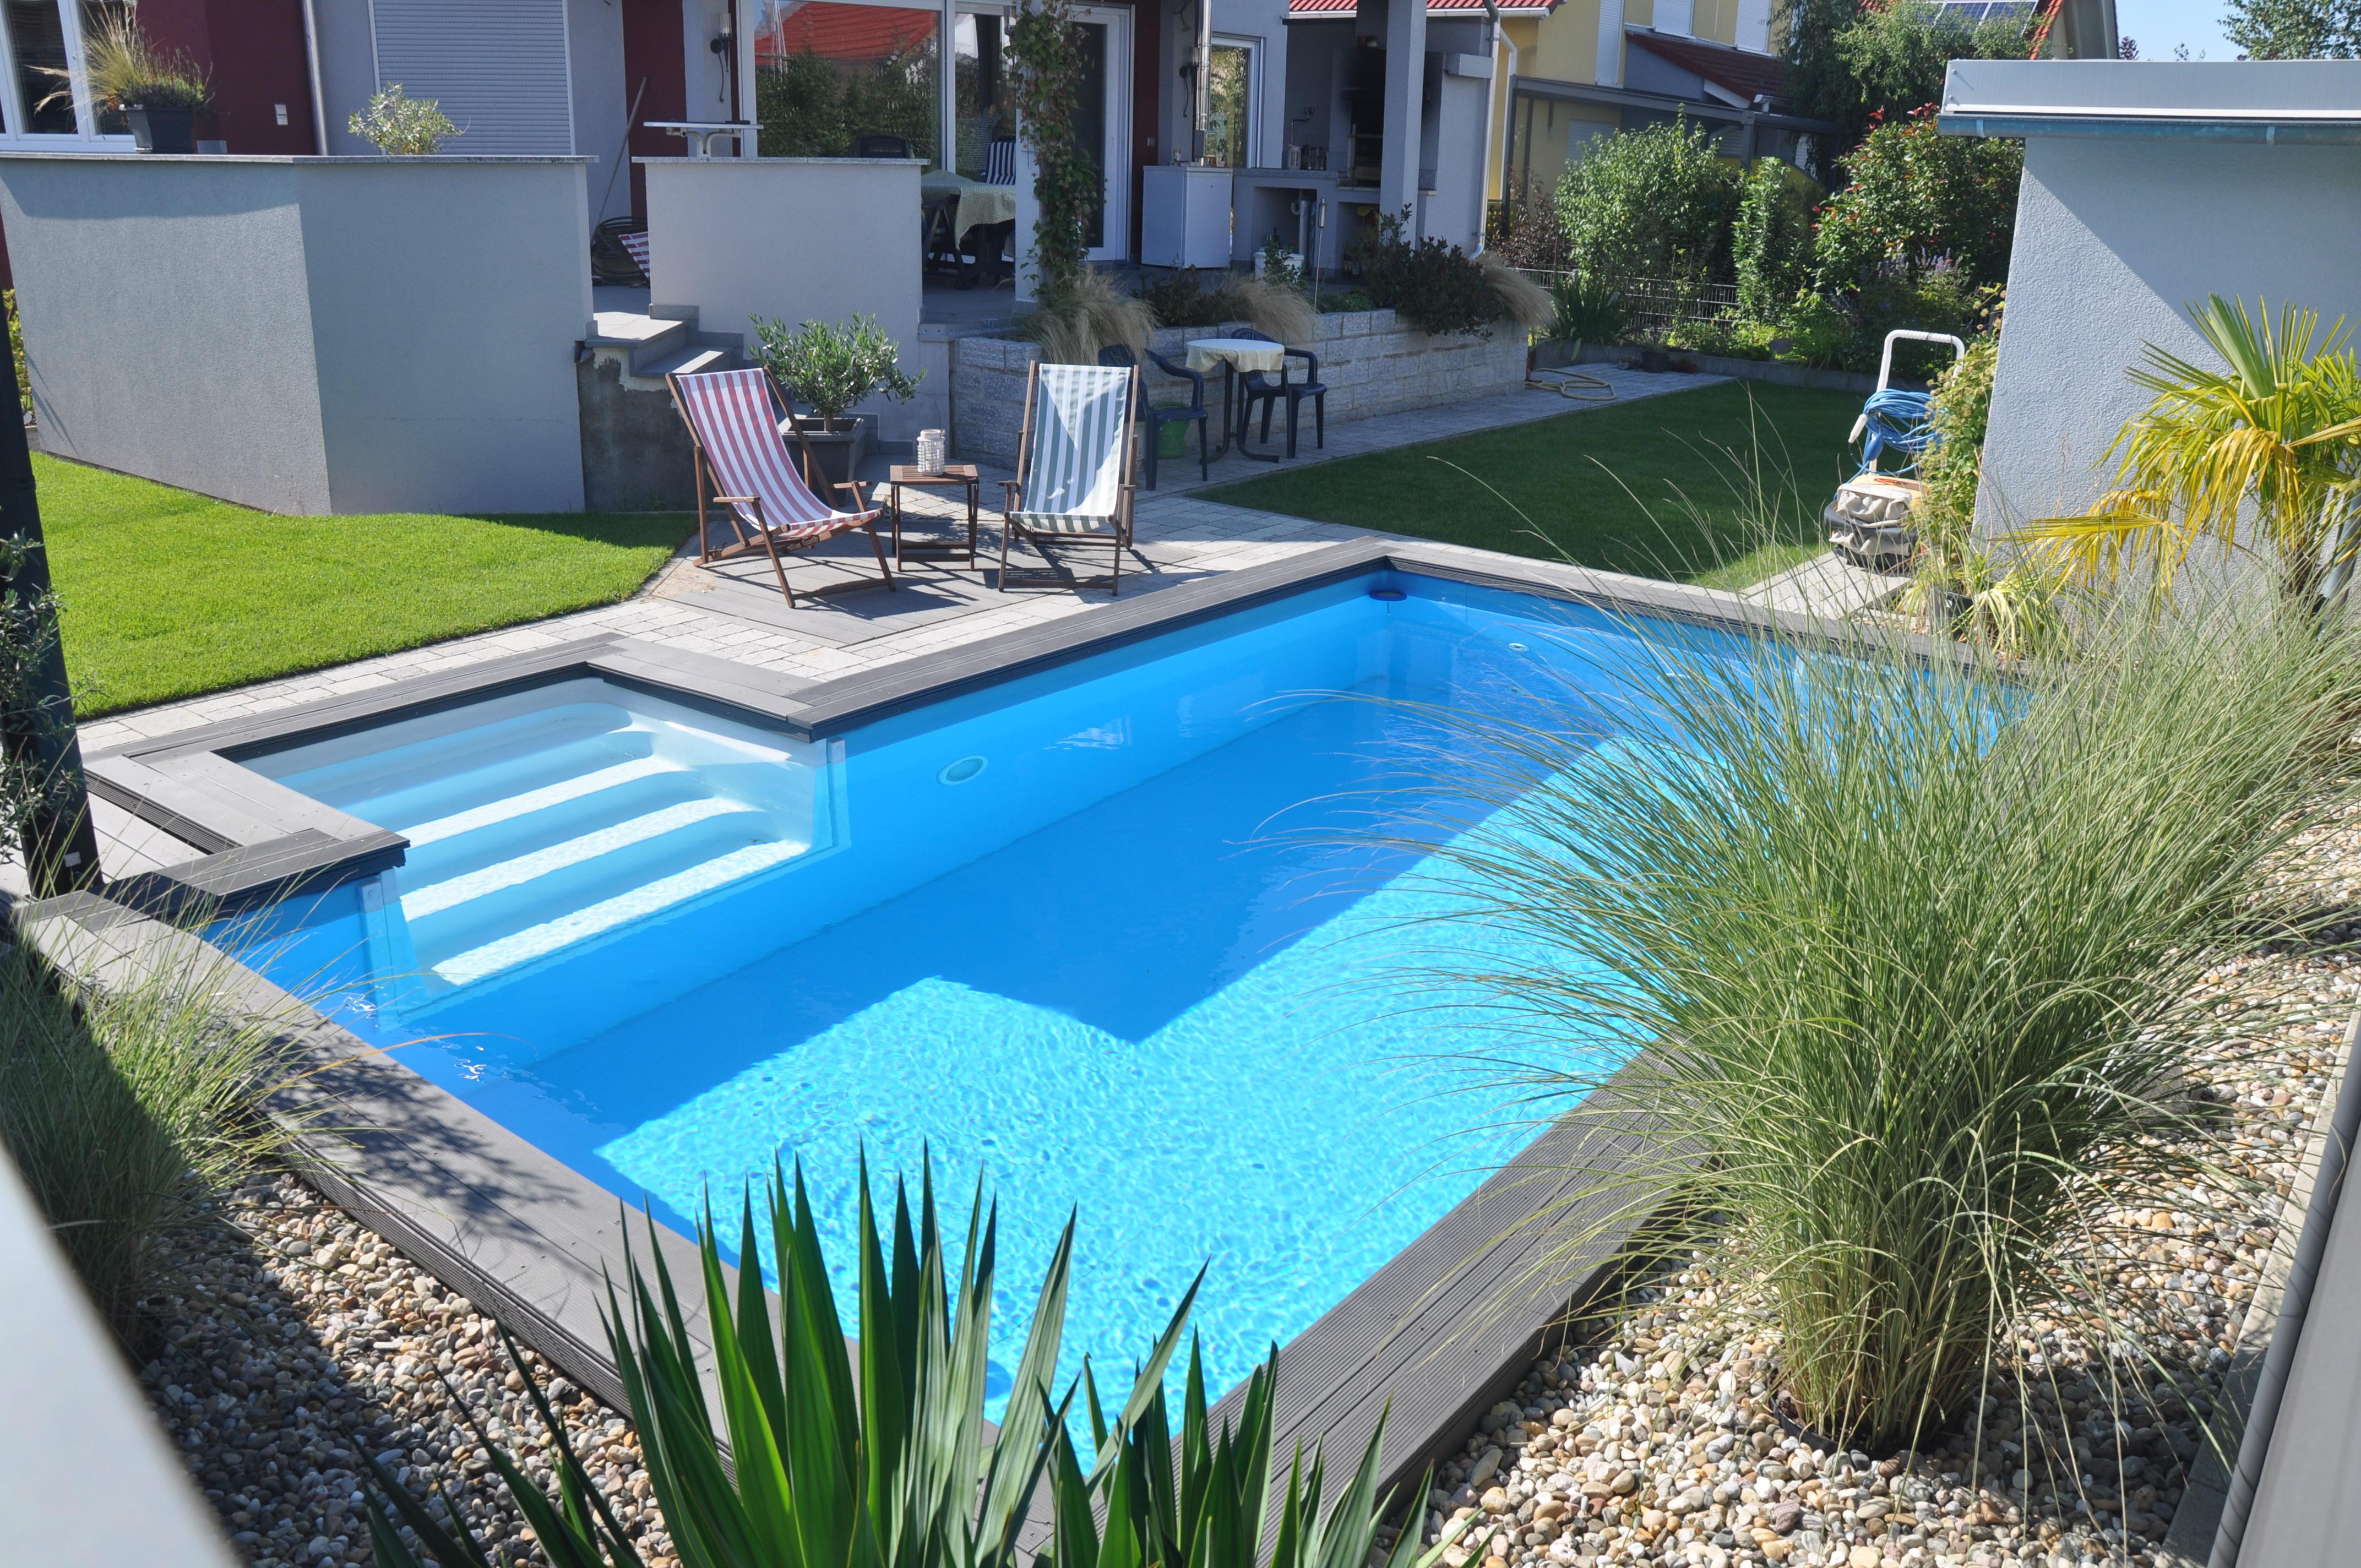 Épinglé par carlo pannaccio sur piscines en 2018 | pinterest